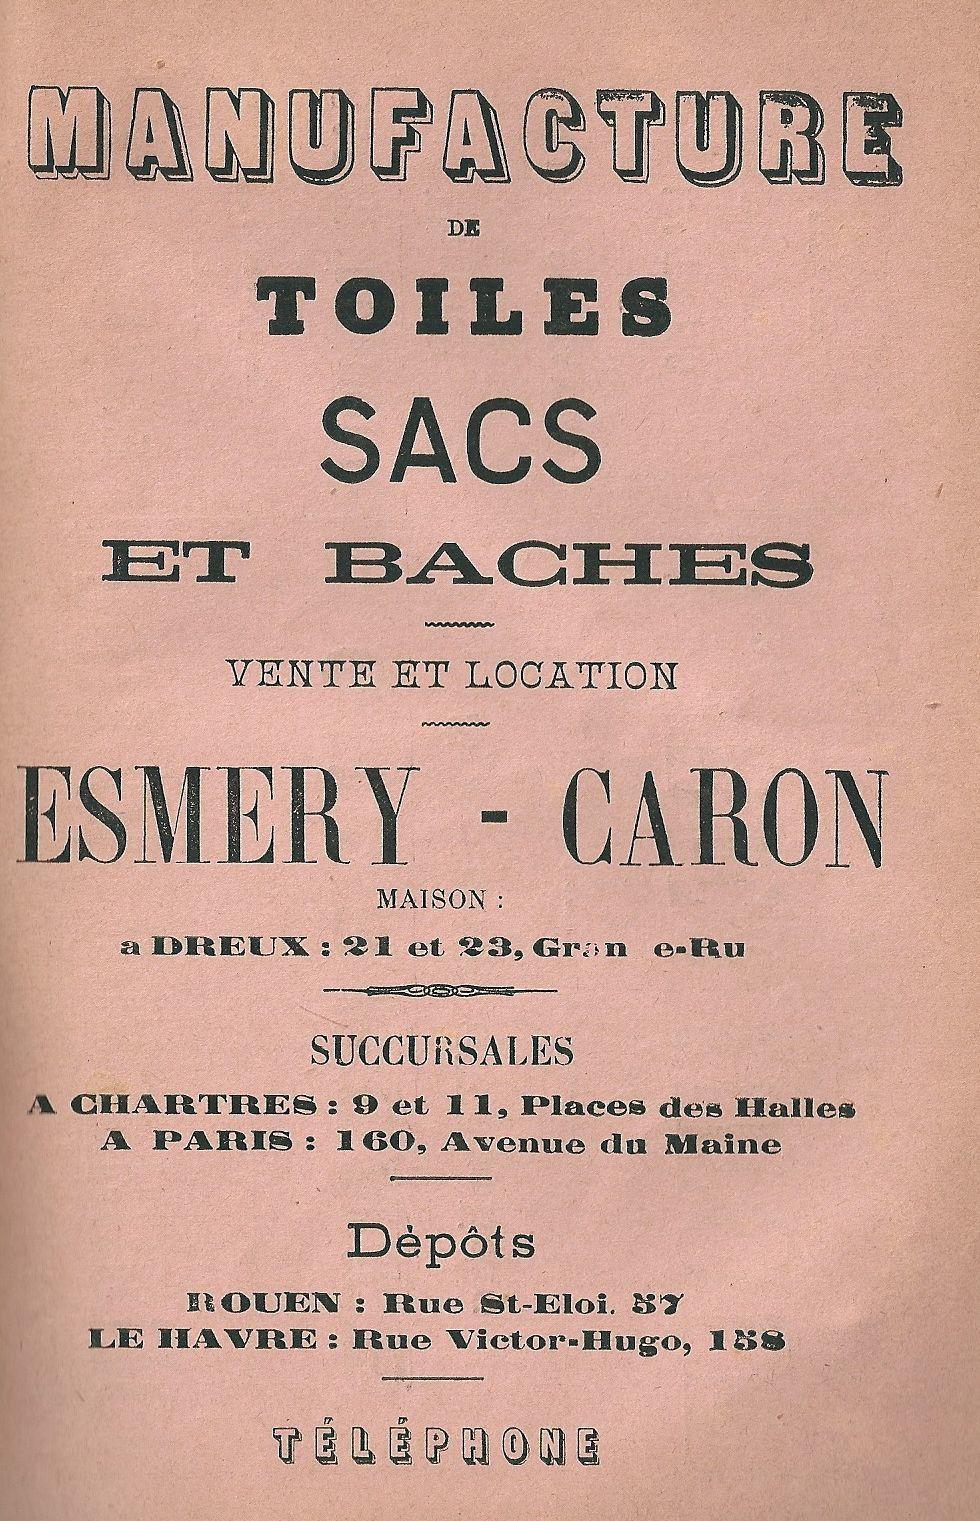 """""""Réclame"""" pour les sacs Esmery-Caron dans le Rotrou almanach drouais de 1901."""